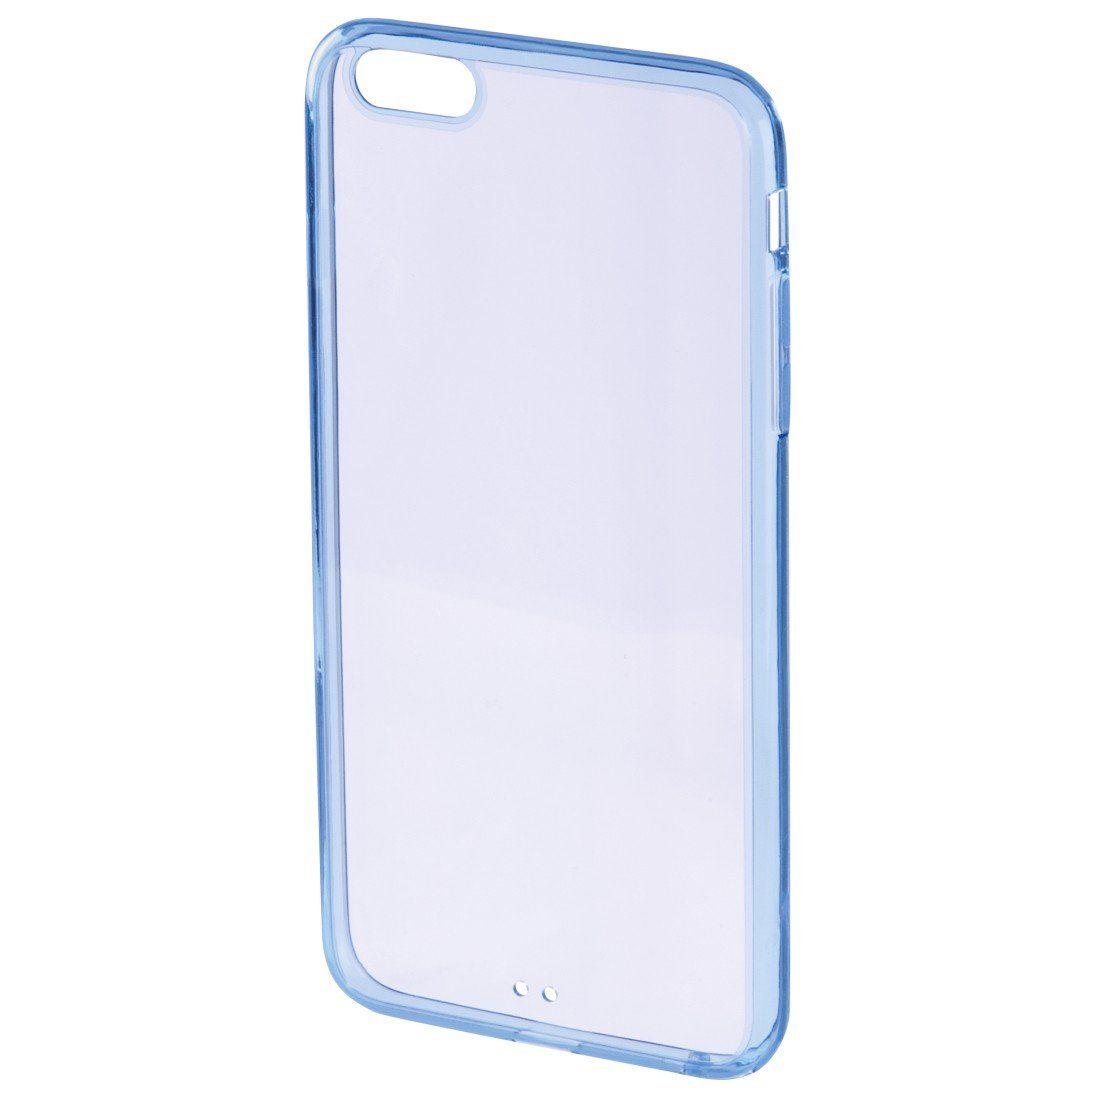 Hama Cover Frame für Apple iPhone 6 Plus/6s Plus, Blau